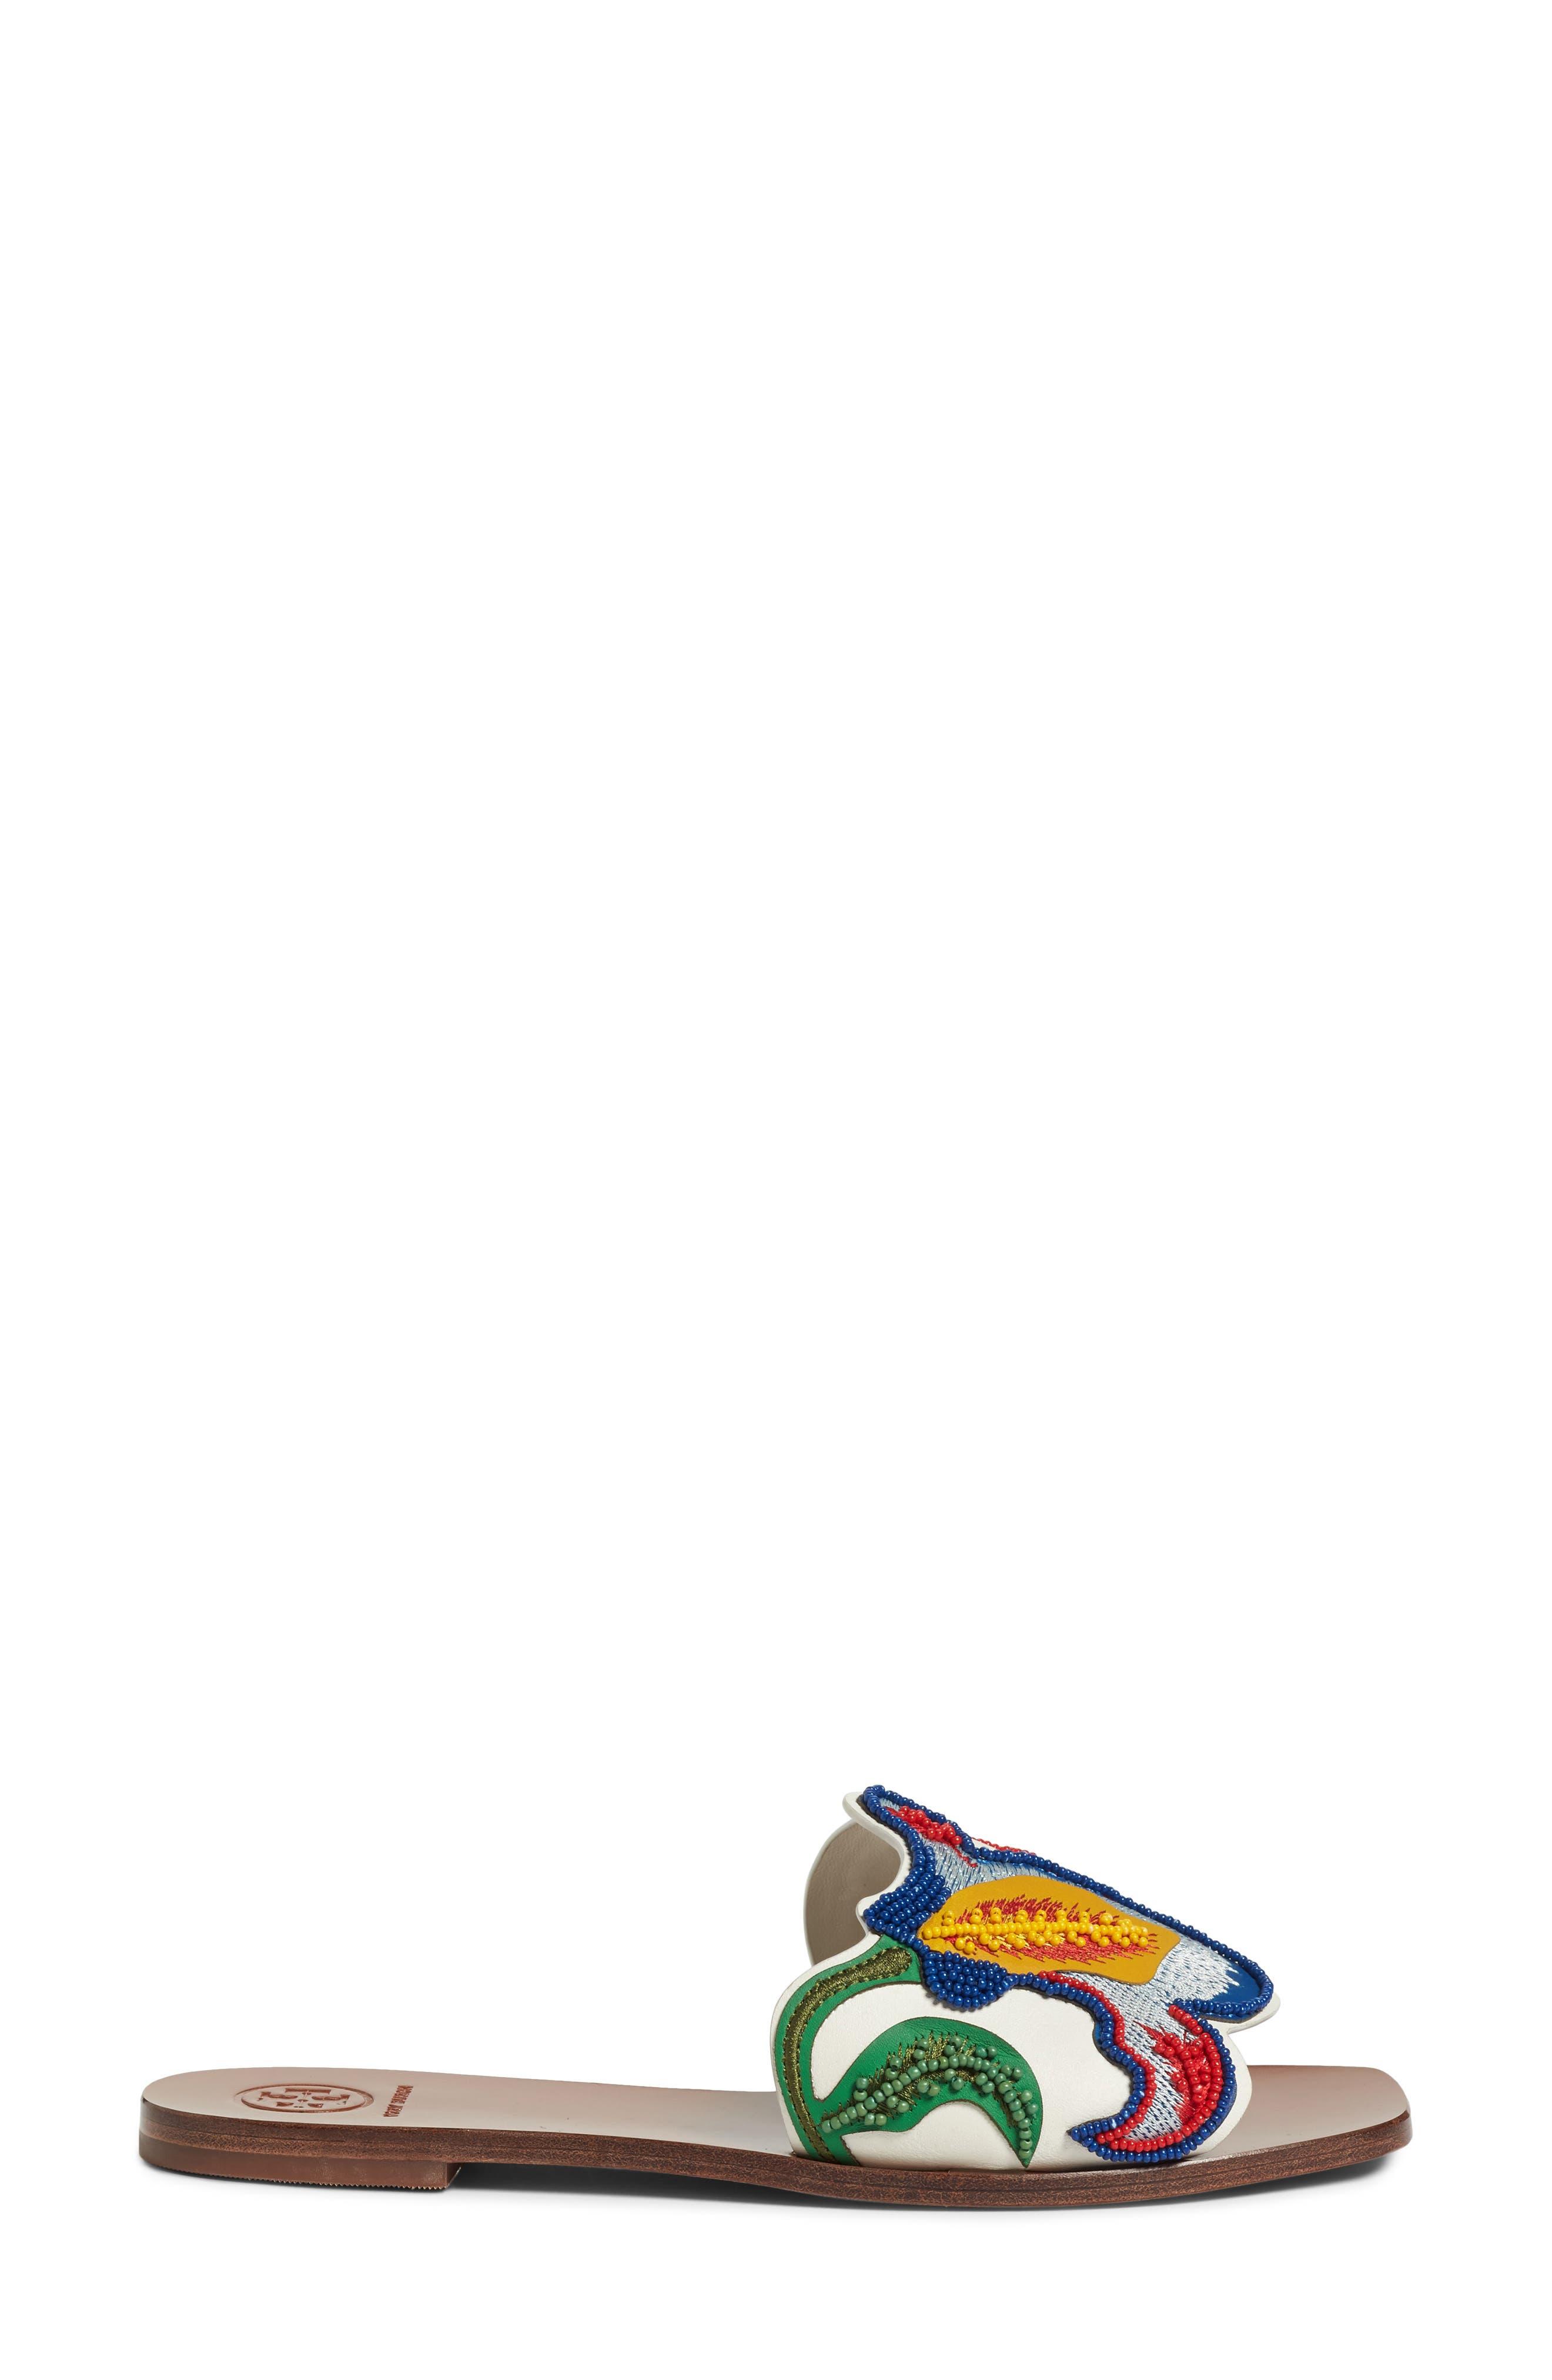 TORY BURCH,                             Bianca Floral Embellished Slide Sandal,                             Alternate thumbnail 3, color,                             900